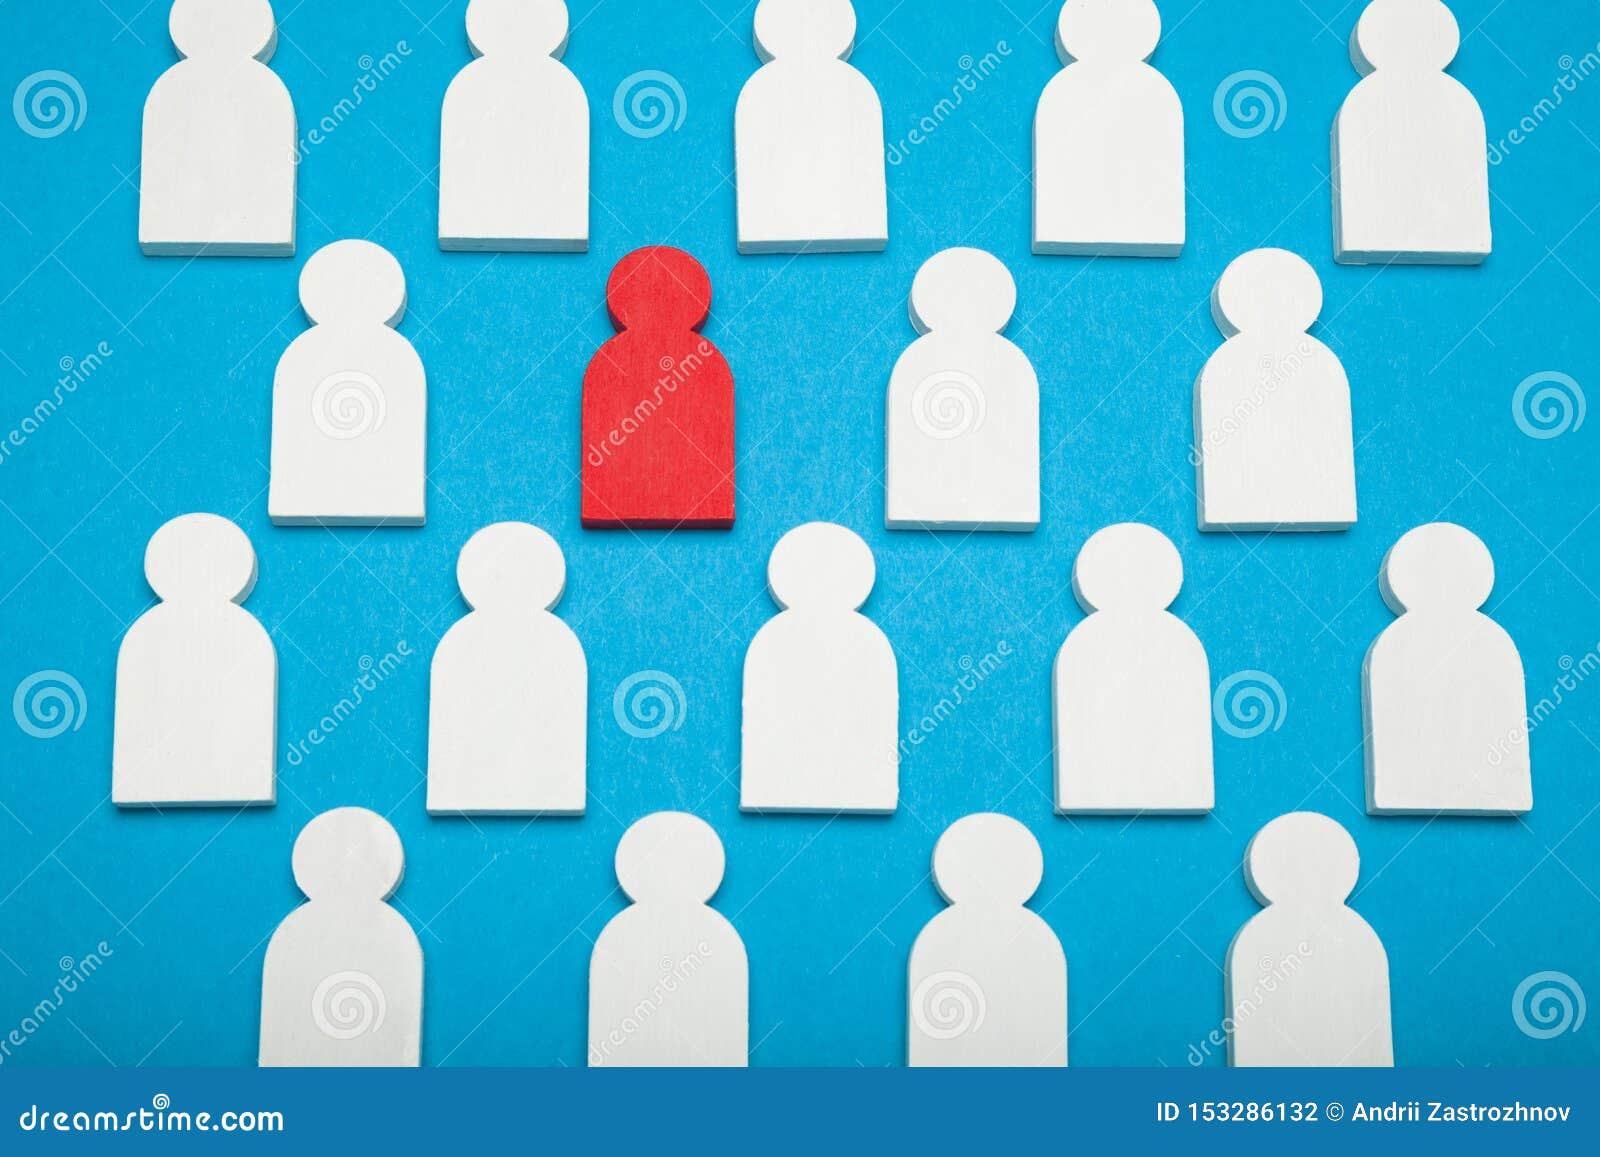 Πόρος ταλέντου, ανθρώπινος διευθυντής Βρείτε τον υπάλληλο στο γυαλί, έννοια